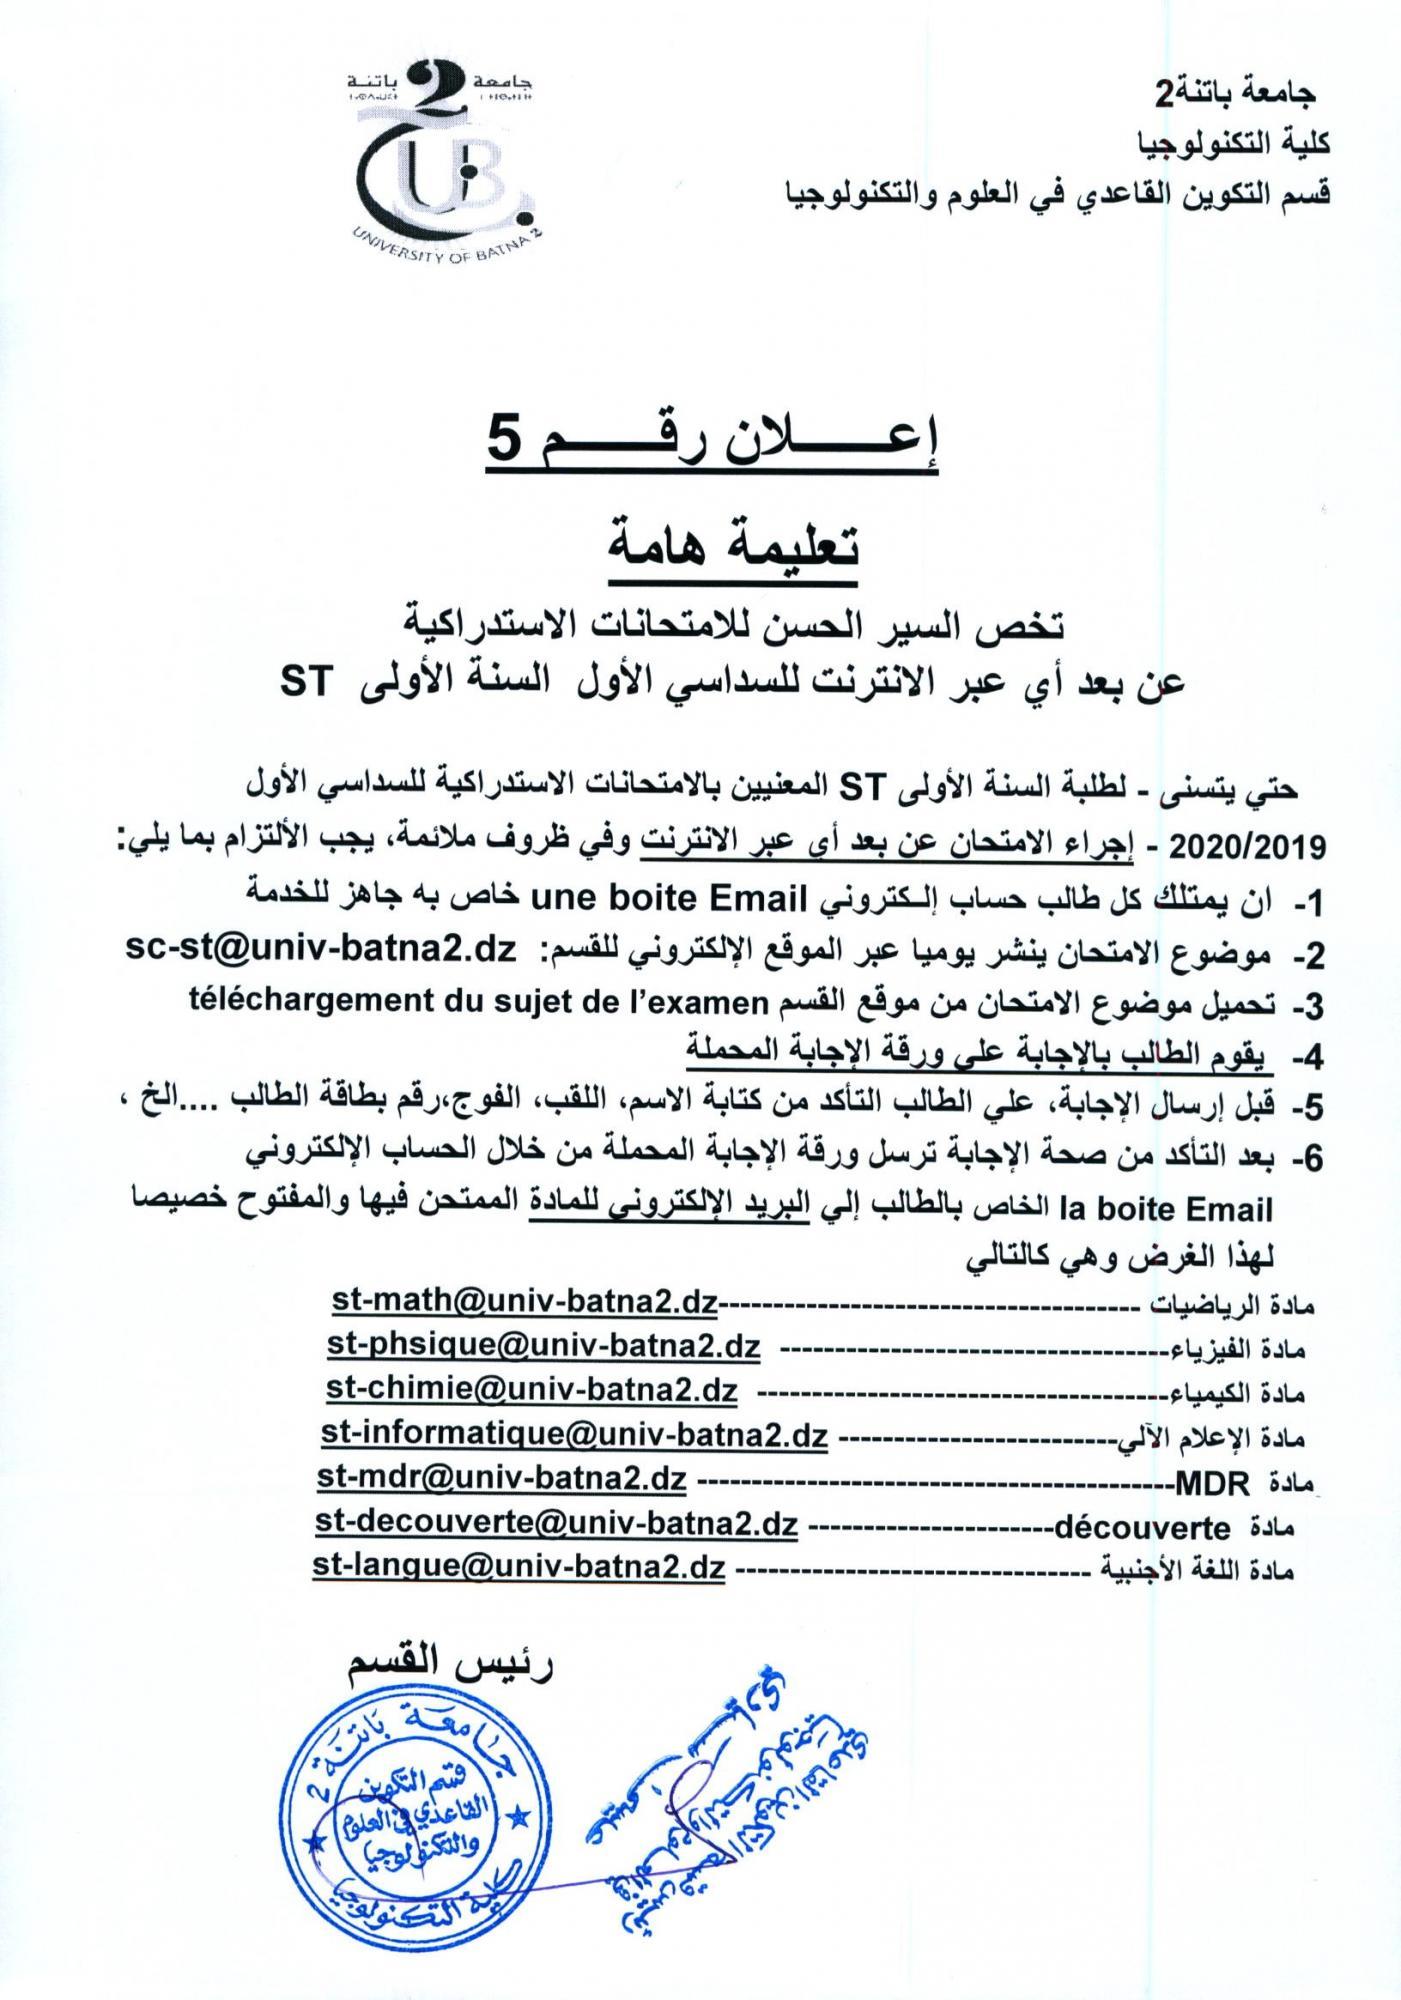 ann_005_importante_exams